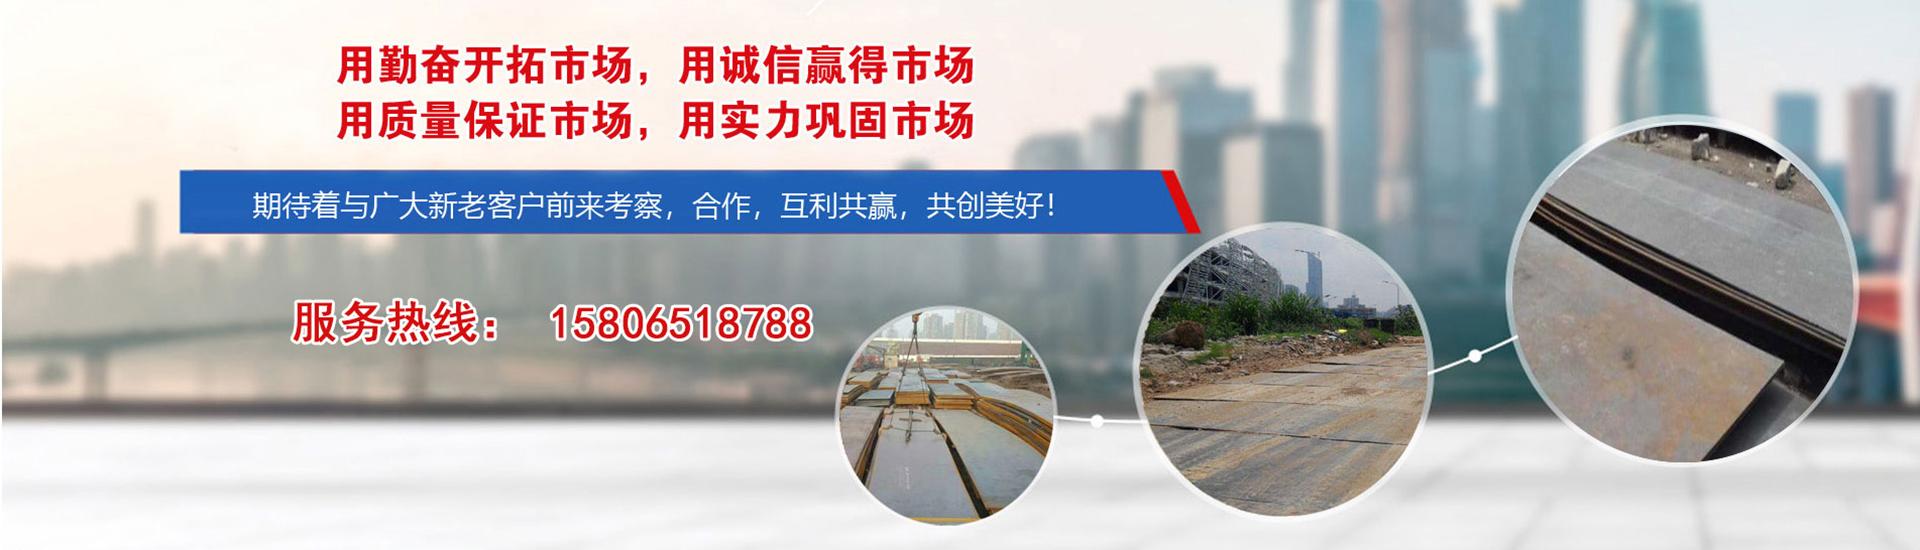 青岛钢板租赁